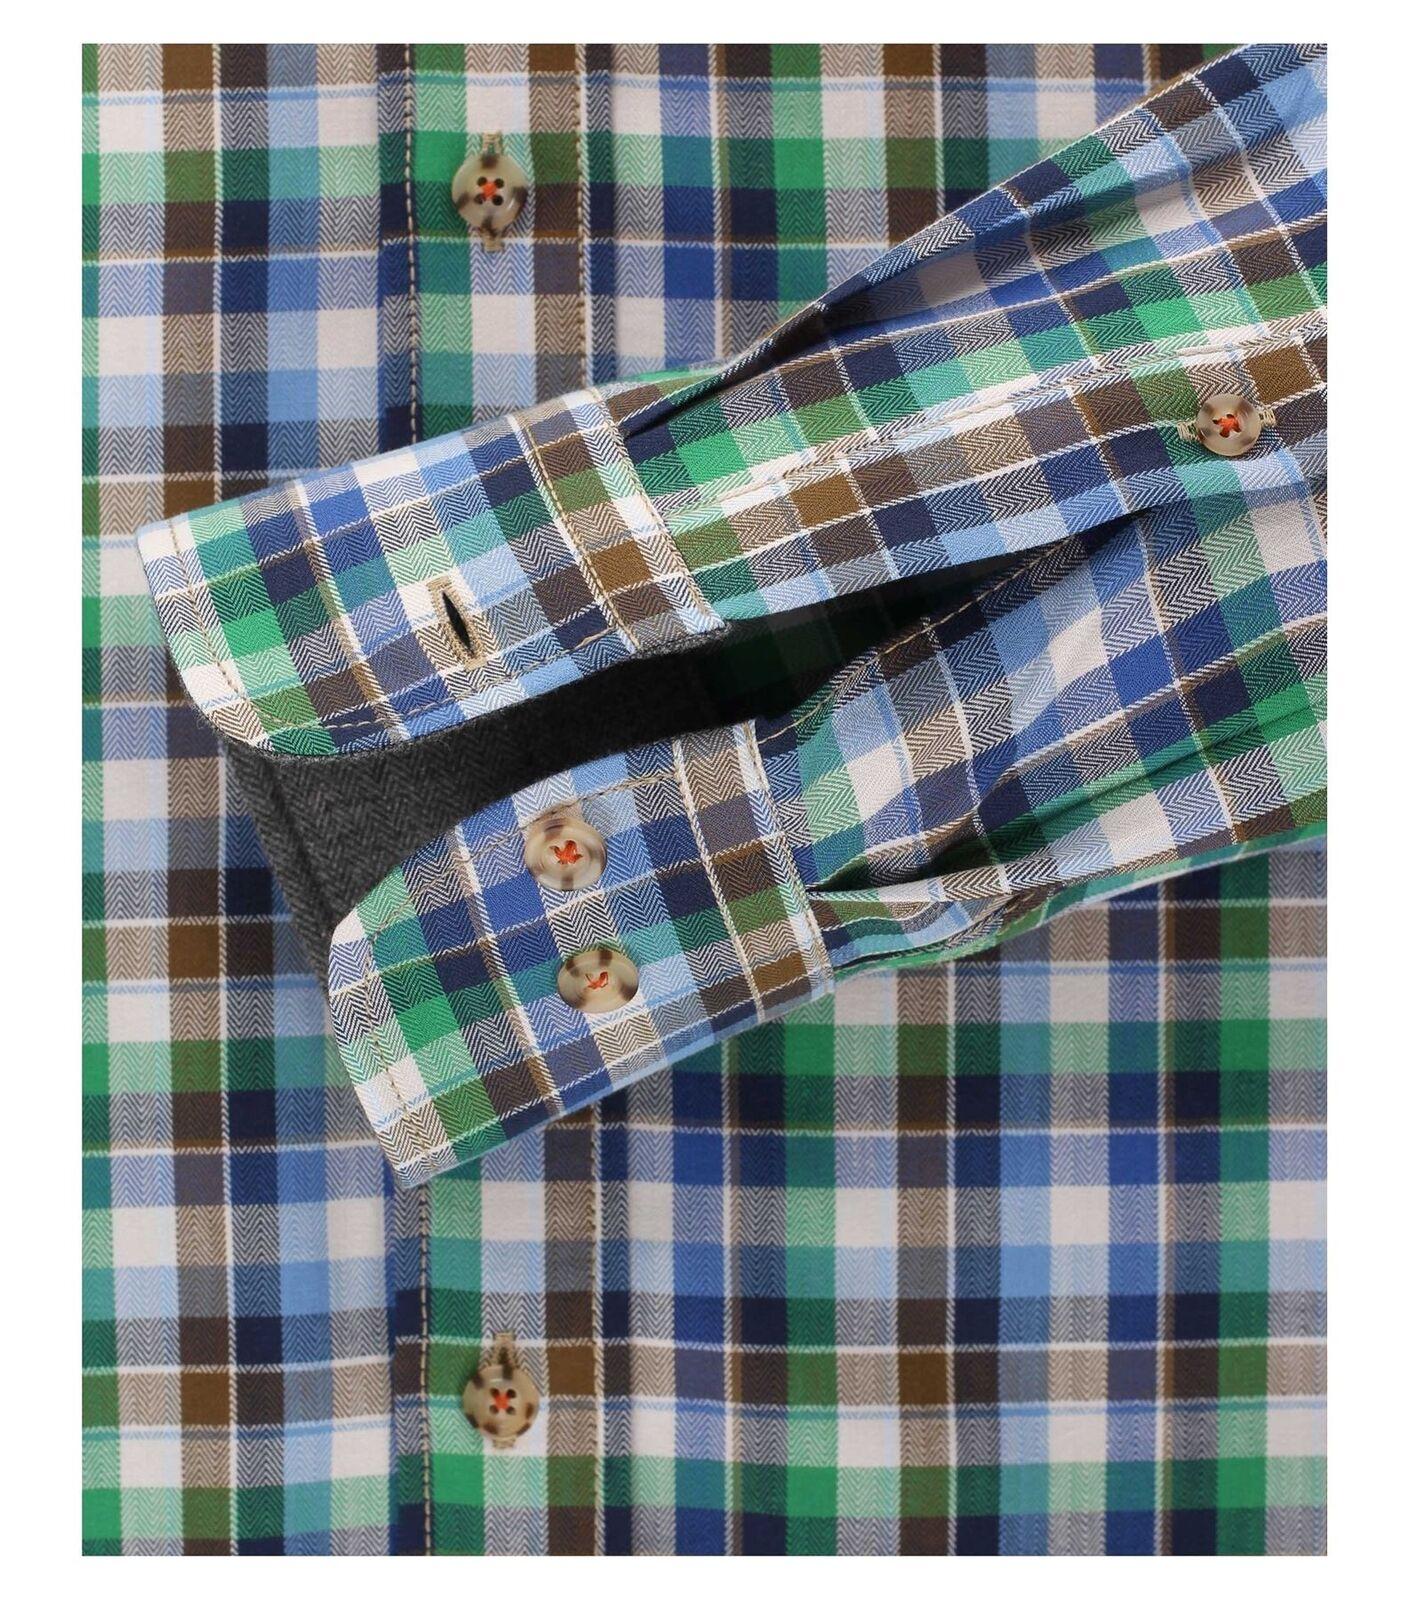 CASA CASA CASA MODA Premium Baumwolle Kentkragen bequeme Passform LS Shirt blau, Größe  | Günstigen Preis  c4211c